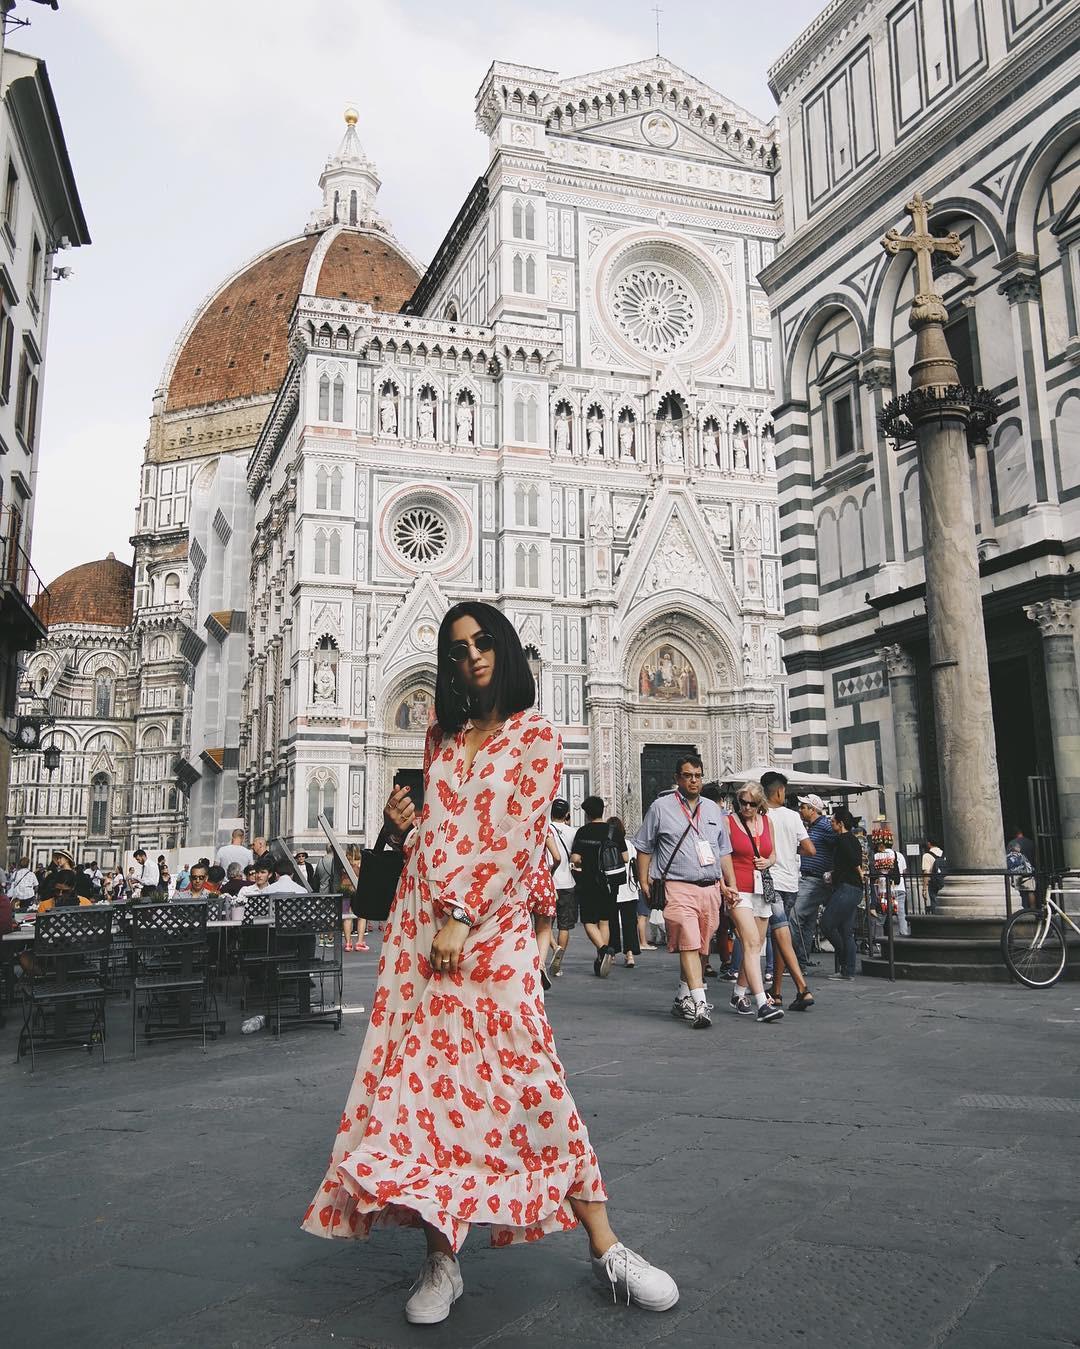 Bộ váy hoa giá cả chục triệu mà đụng hàng xuyên lục địa hết Pháp đến Ý rồi lại Tây Ban Nha - Ảnh 7.